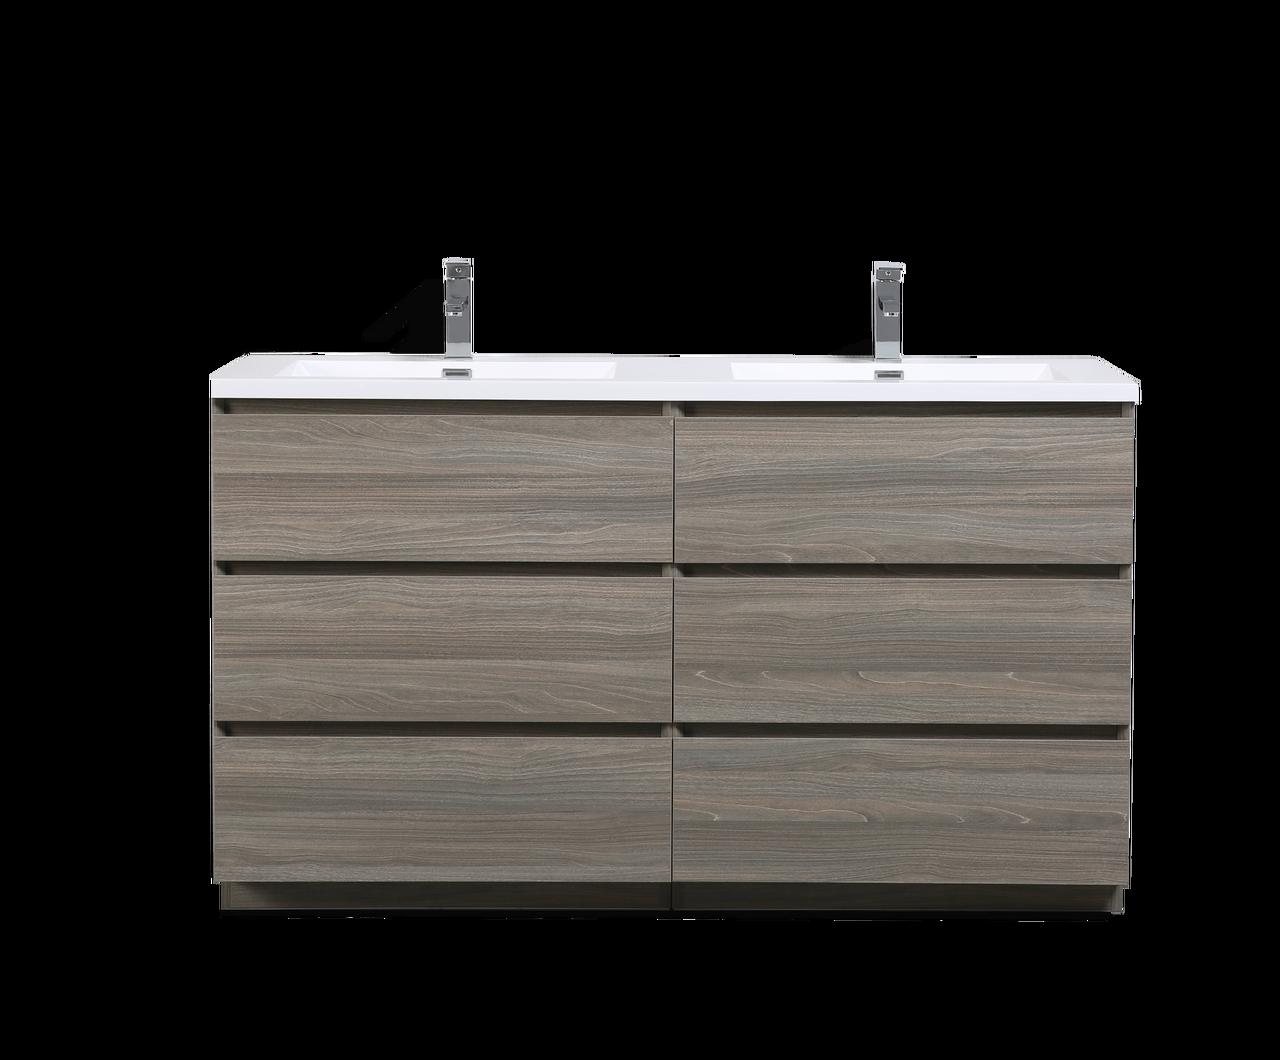 Moa 60 Double Sink Mayple Grey Bathroom Vanity W 6 Drawers And Acrylic Sink Los Angeles Vanity